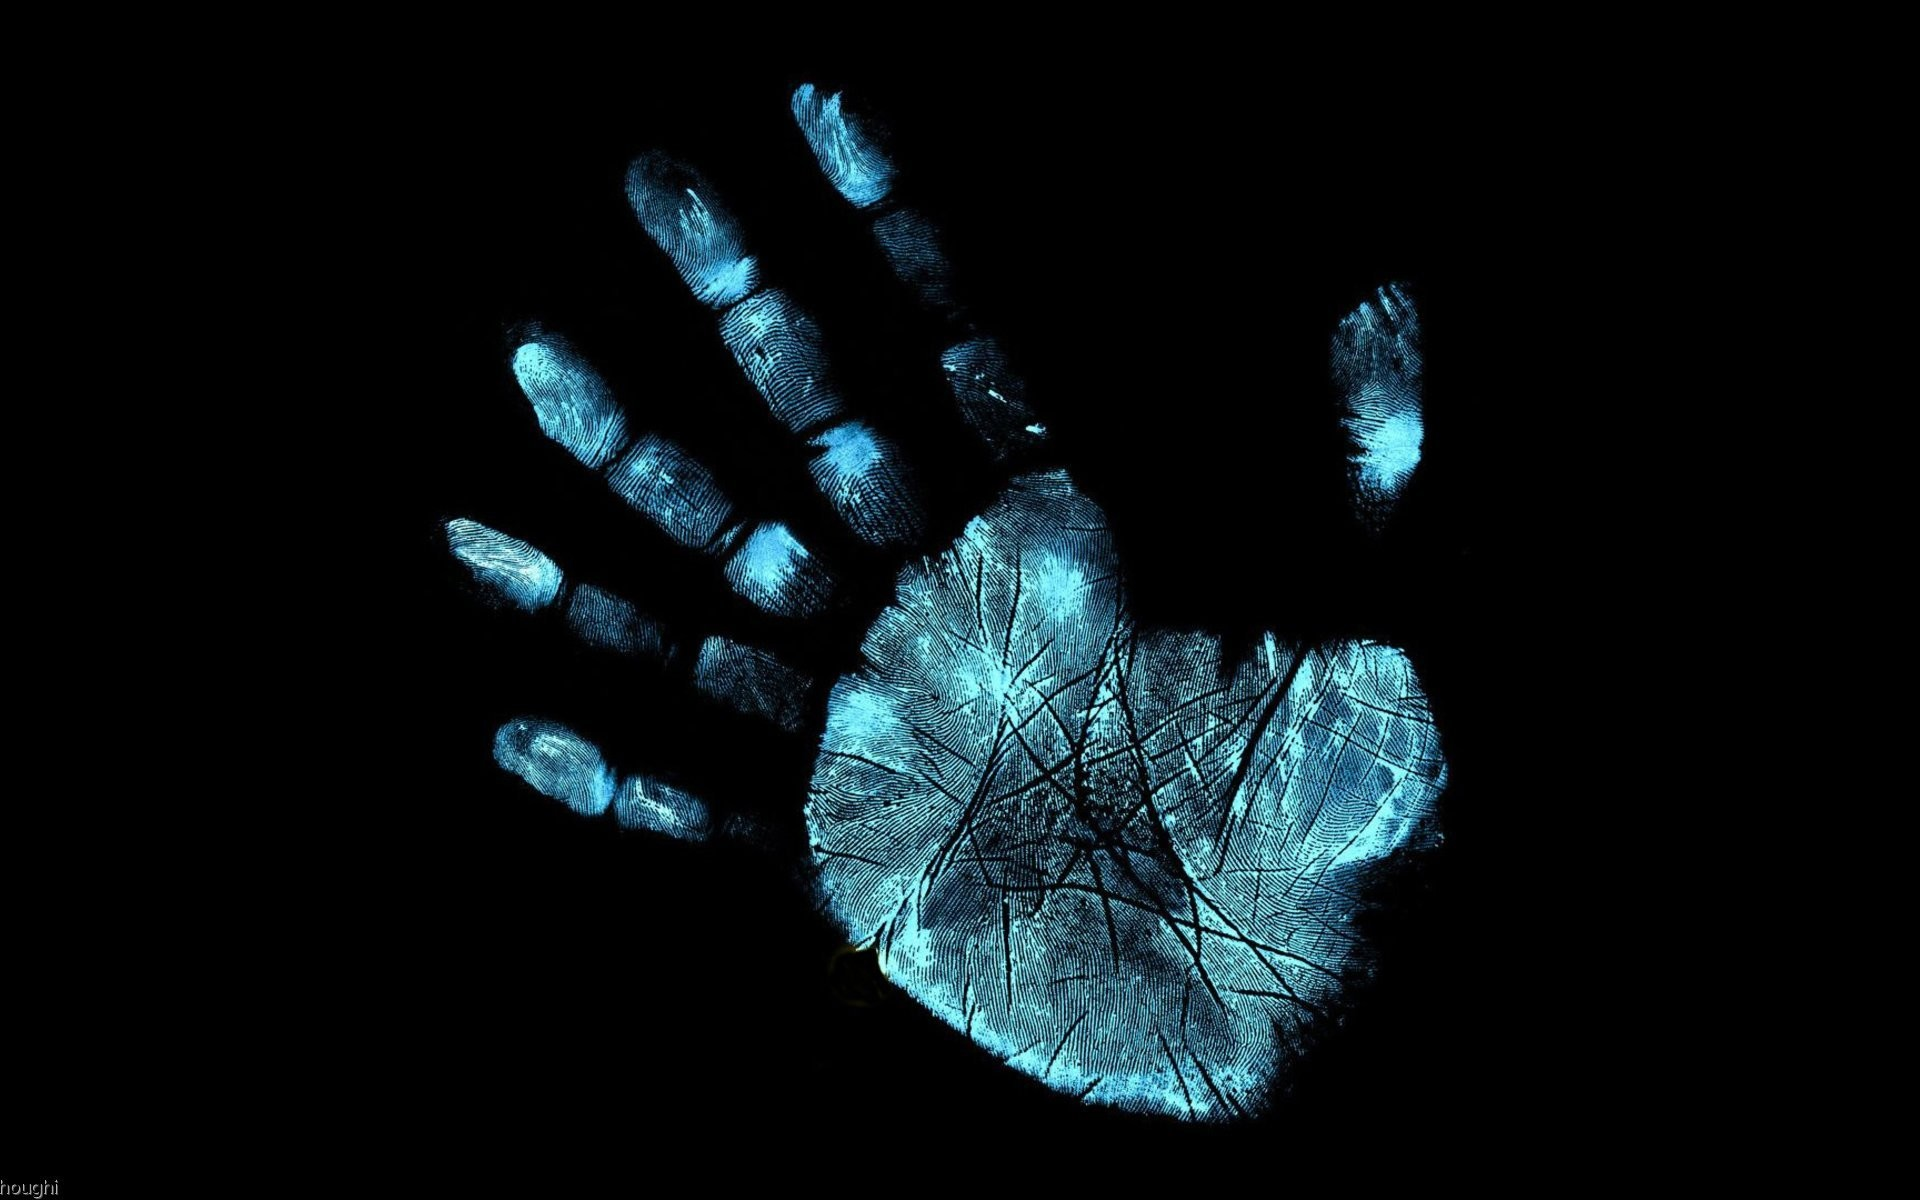 … fringe glyphs fingerprint hand hd wallpaper …